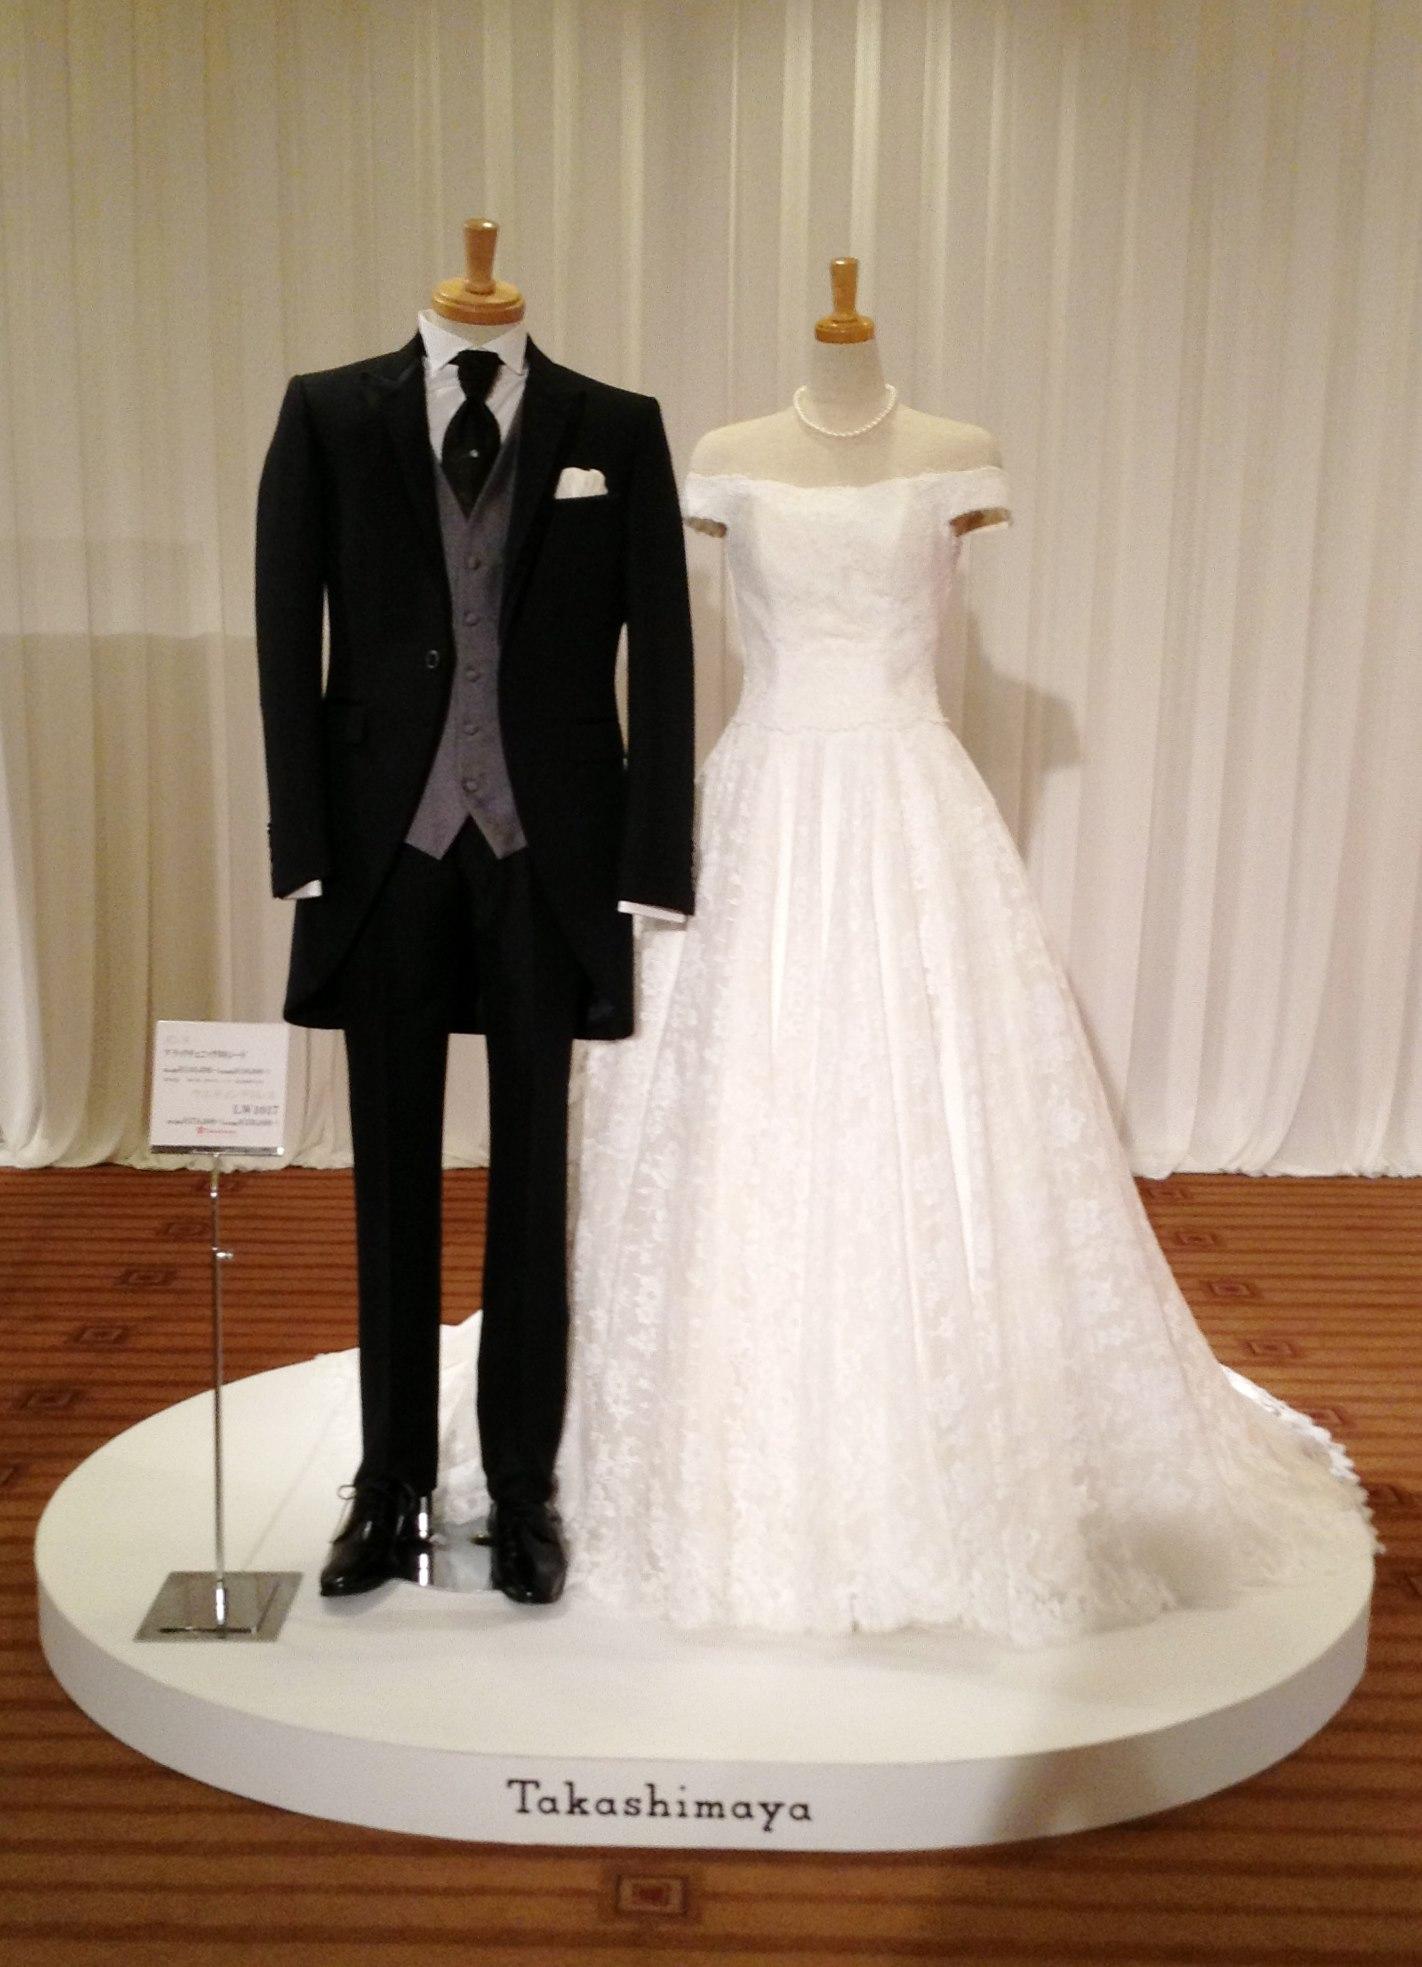 cf968a7f10900 ウェディングドレス、和装着物の貸衣裳ならマ・シェリ